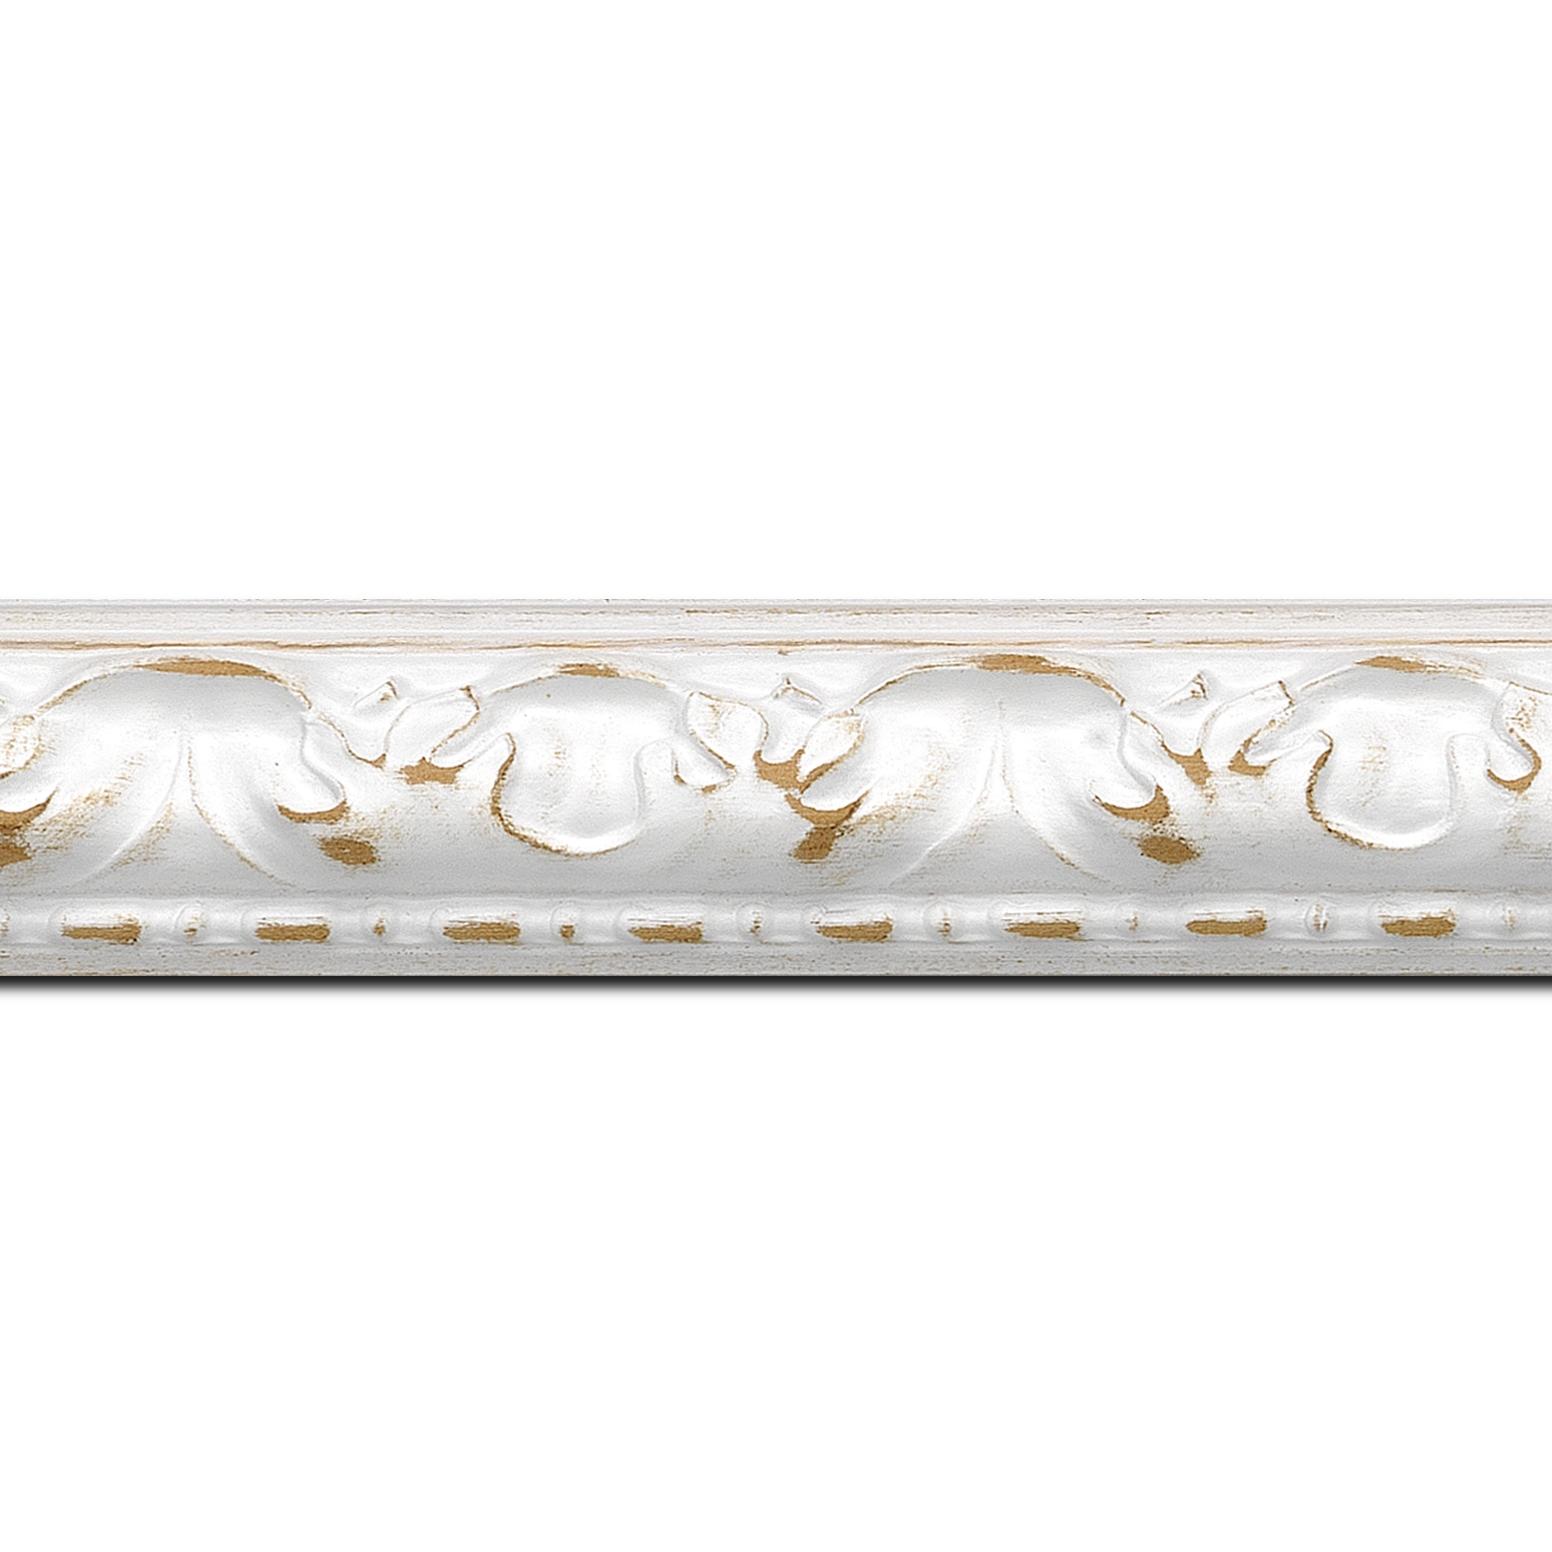 Baguette longueur 1.40m bois profil bombé largeur 4cm couleur blanchie satiné